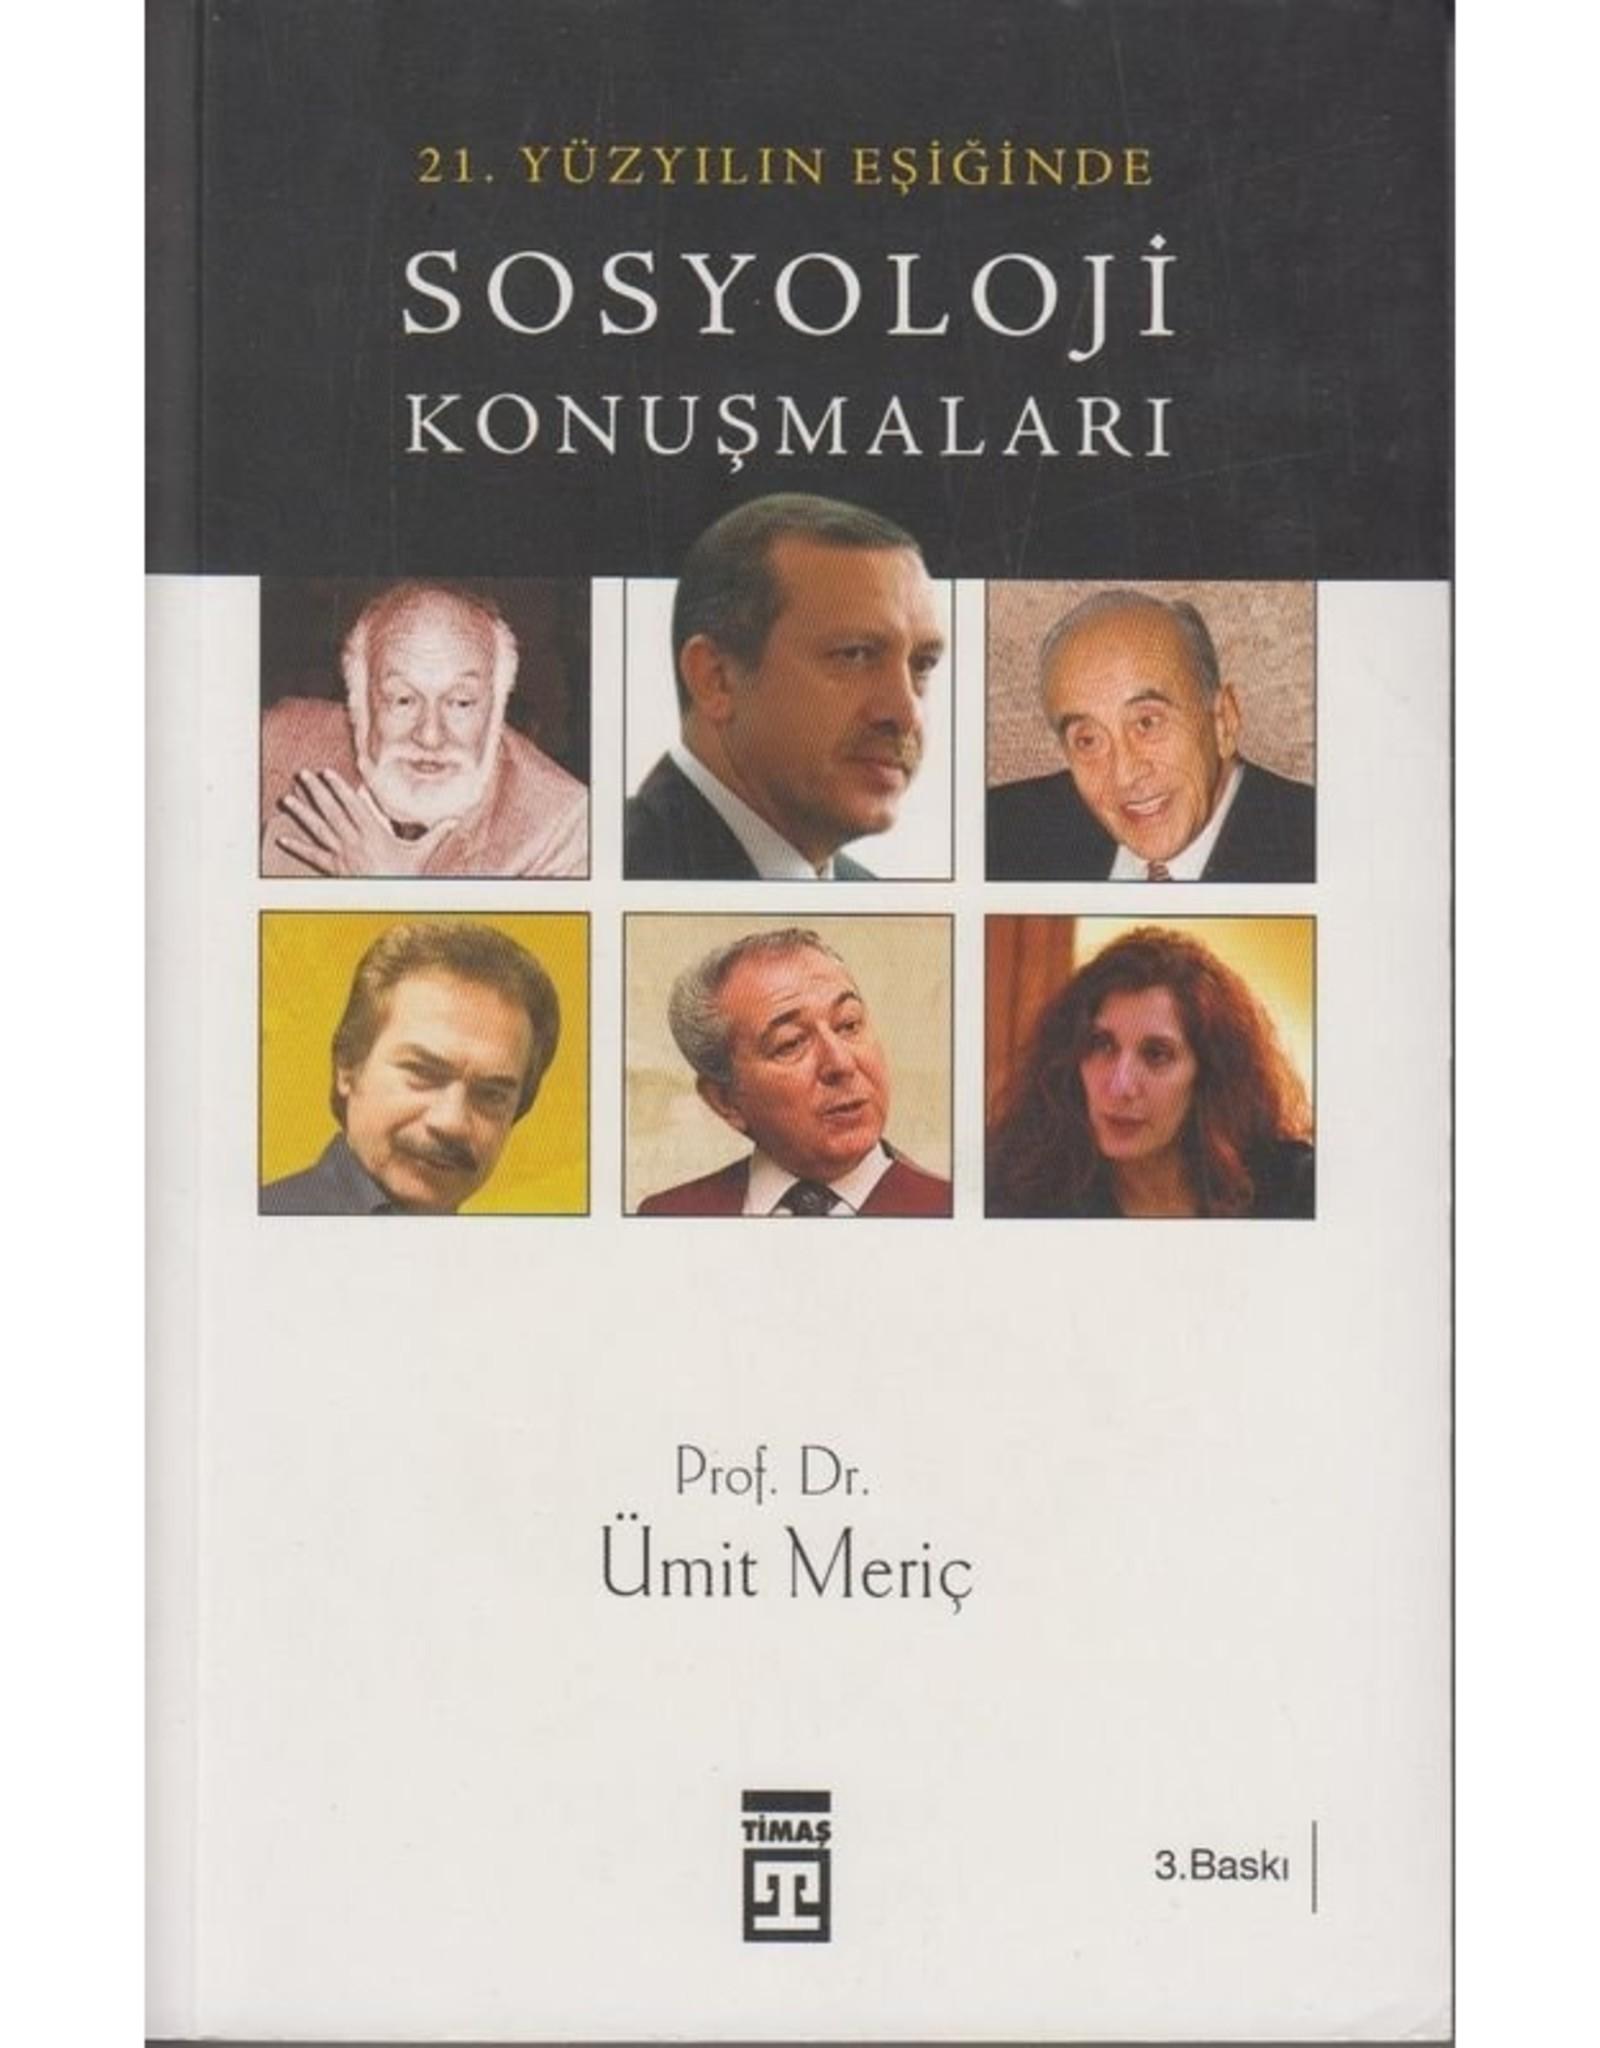 21. Yüzyılın Eşiğinde Sosyoloji Konuşmaları